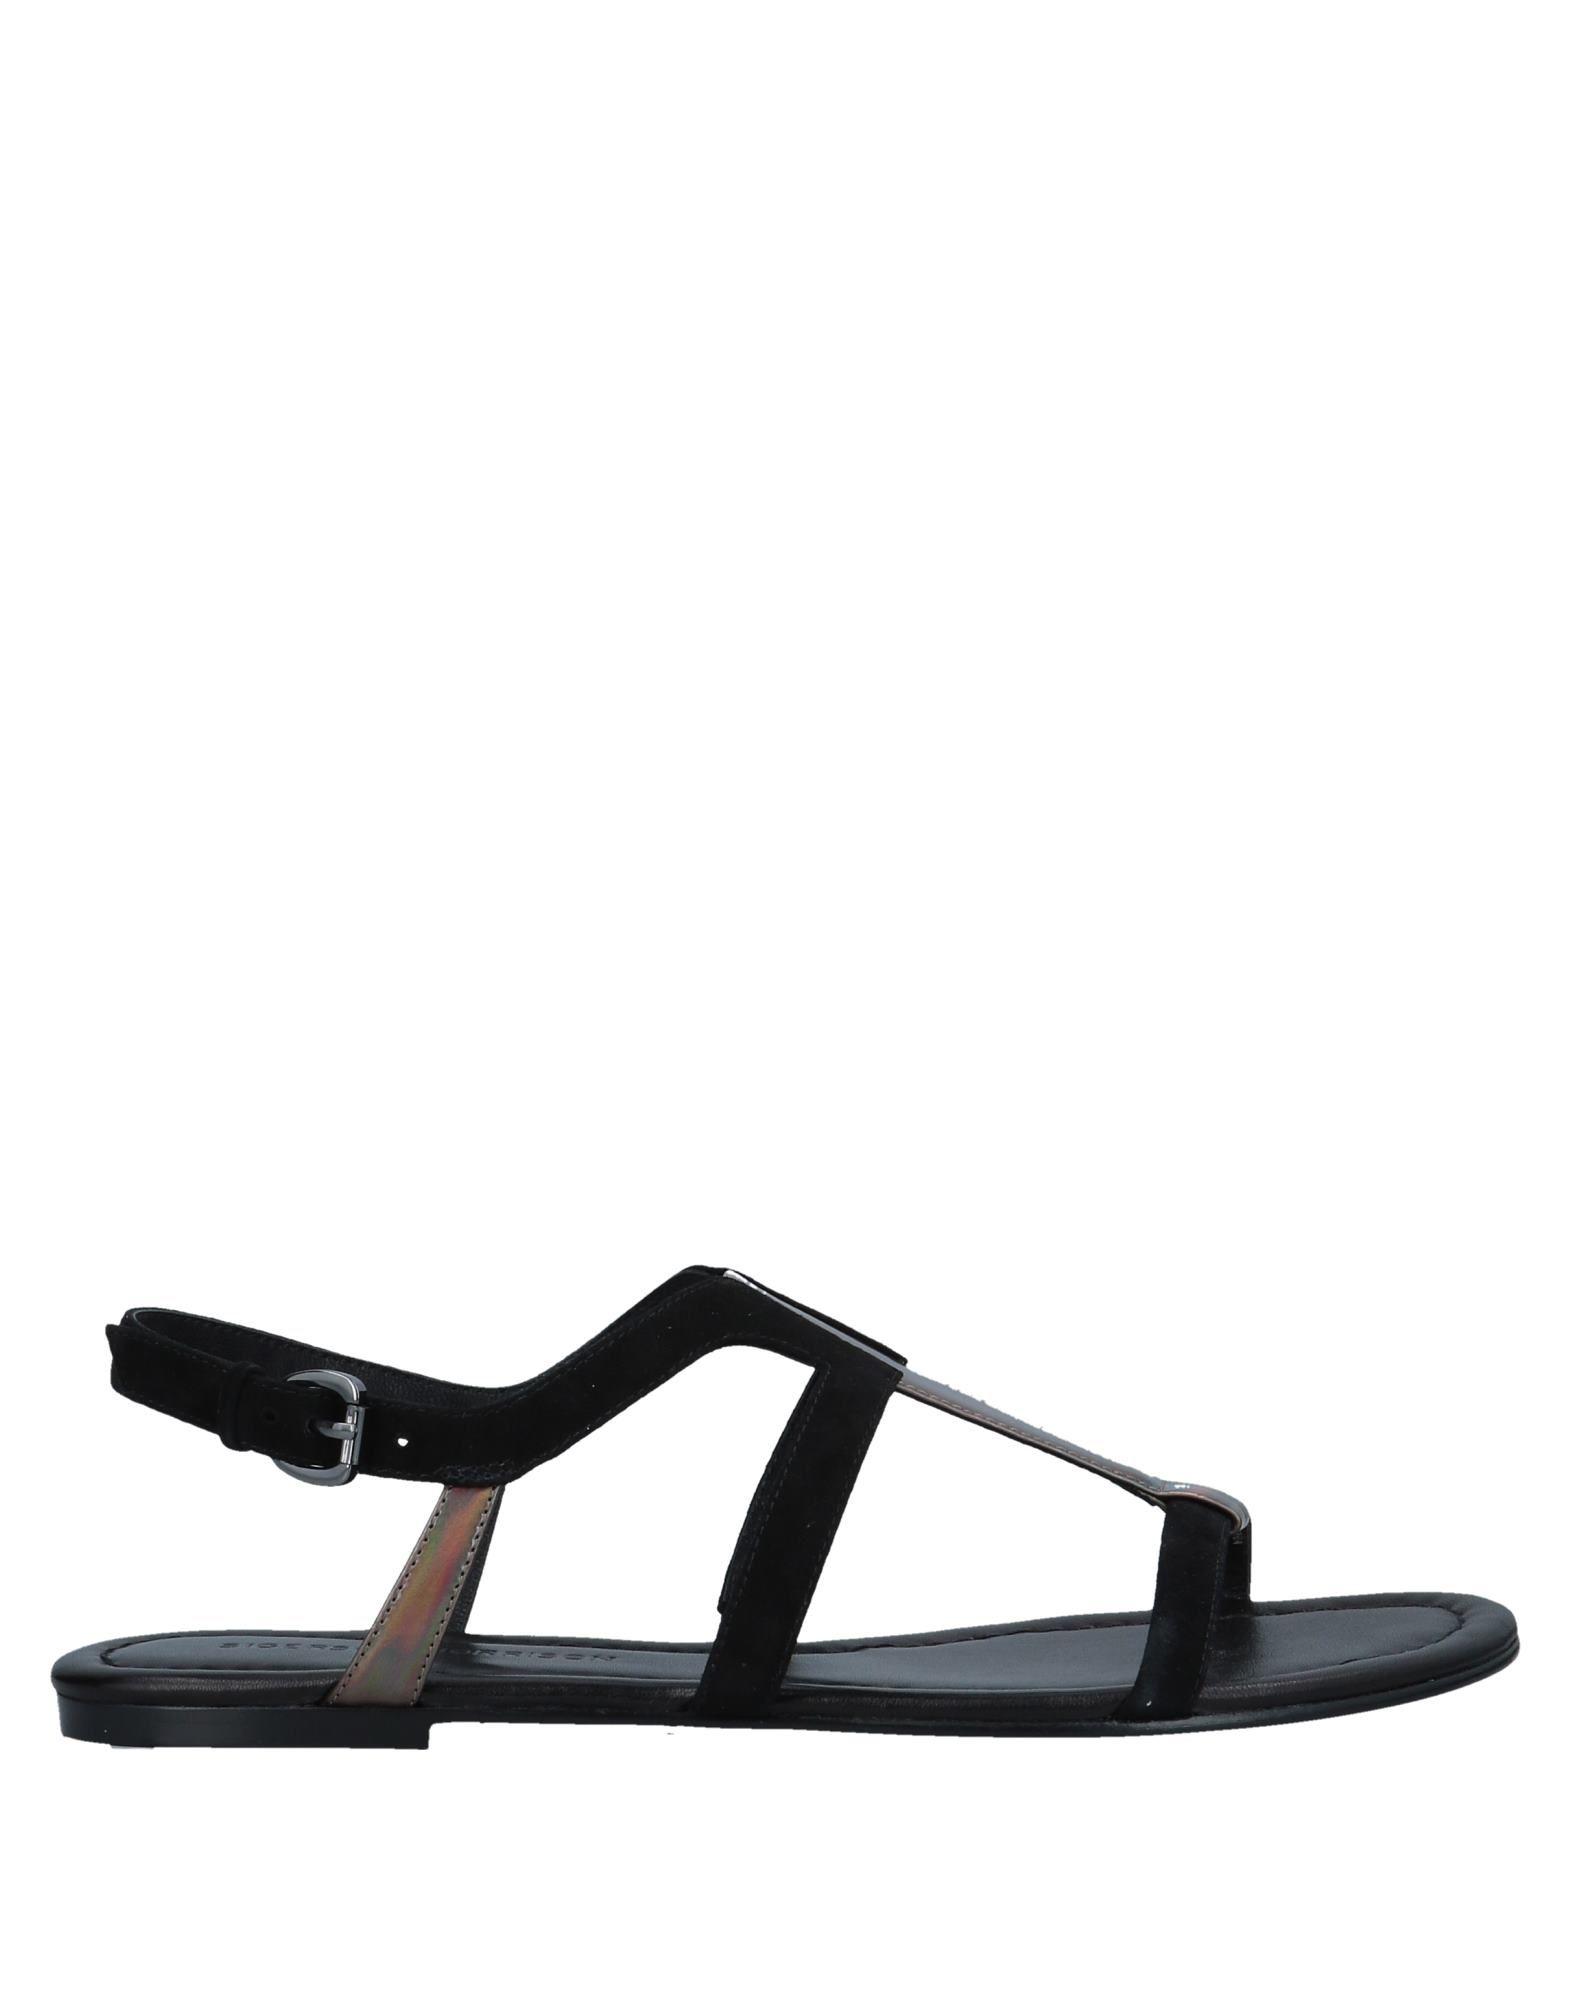 Sigerson Morrison Sandals Sandals